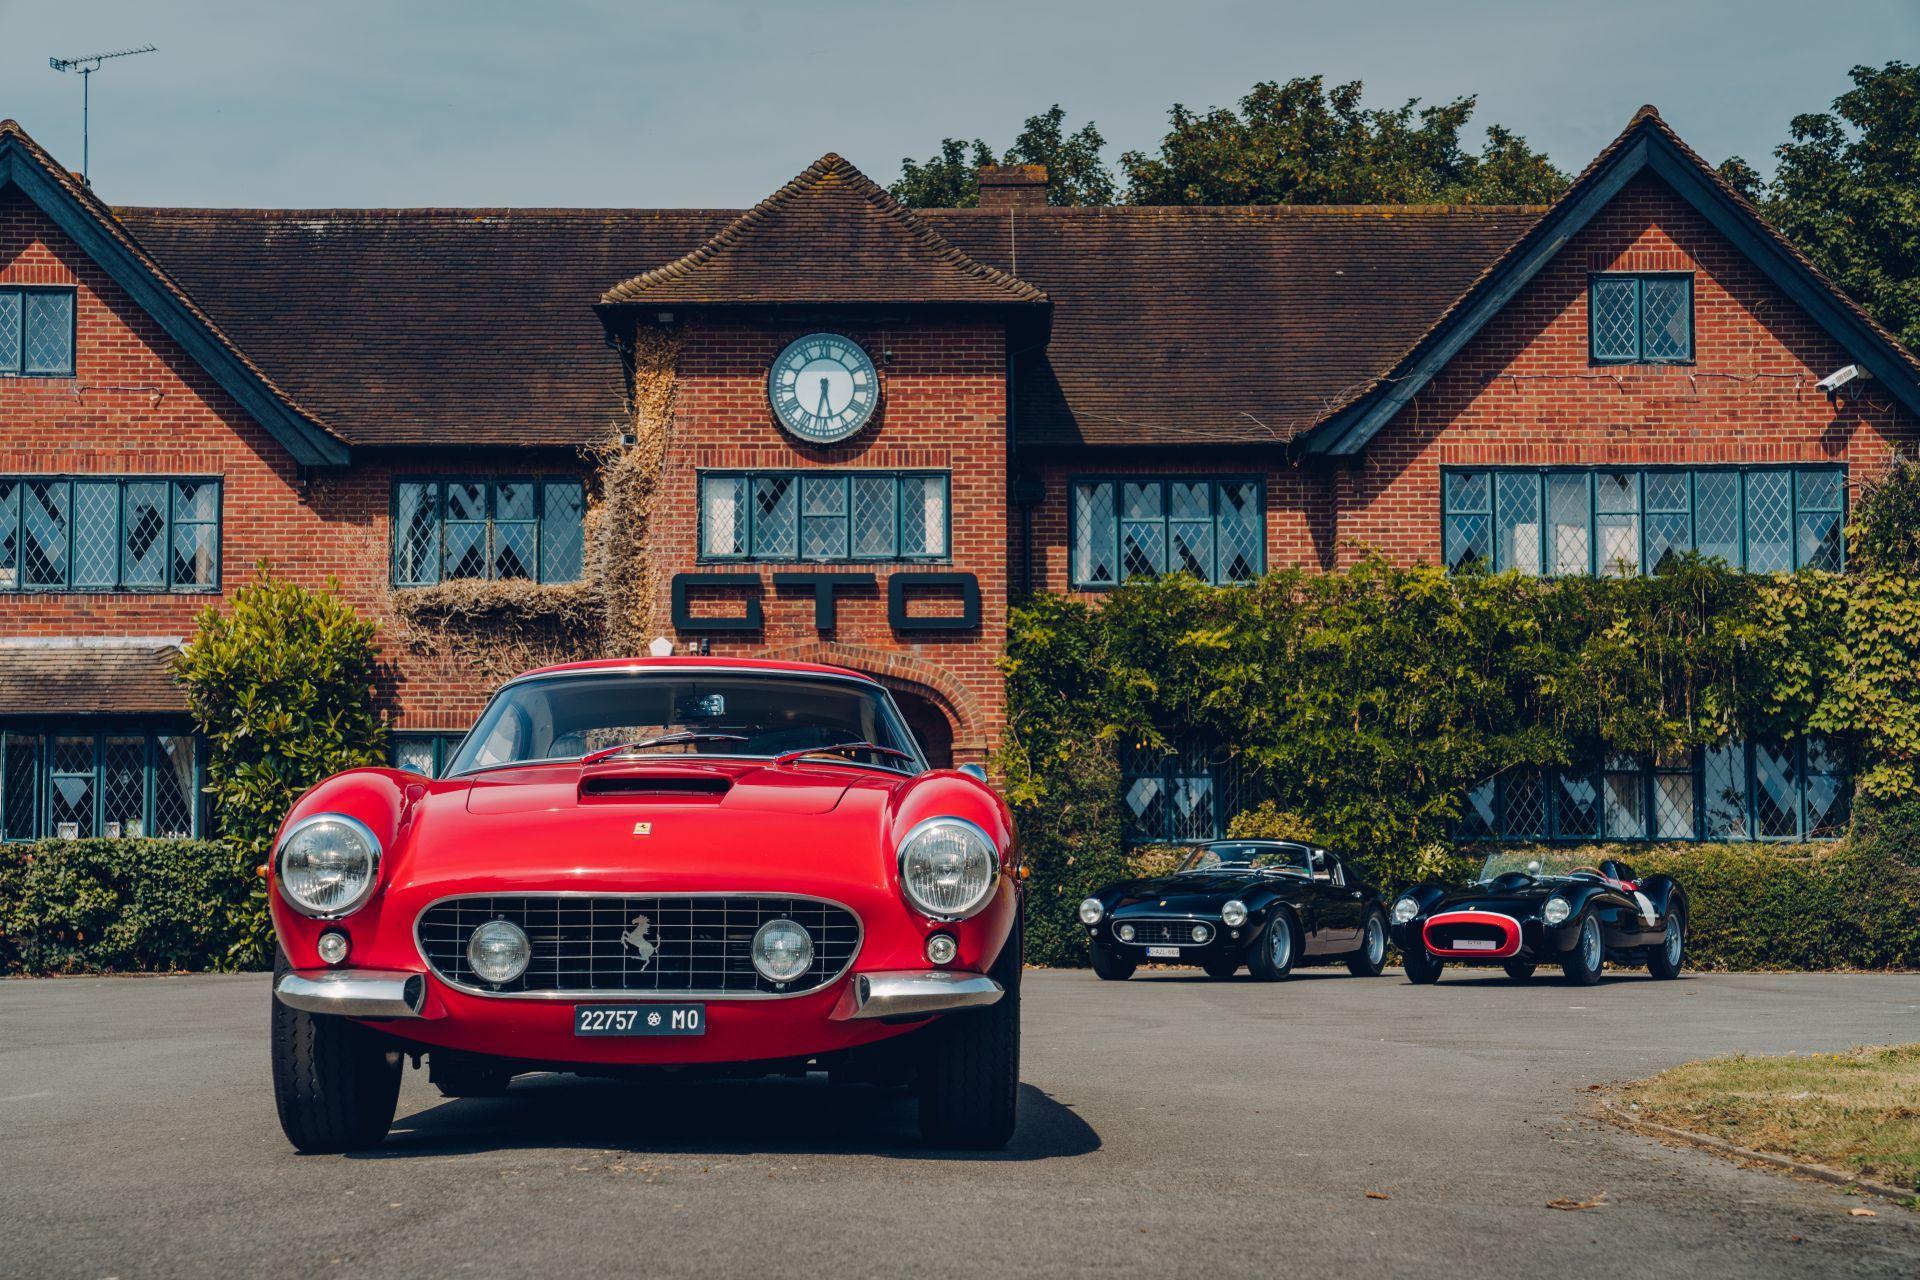 Ferrari-250-GT-SWB-Berlinetta-Competizione-Revival-by-GTO-Engineering-23